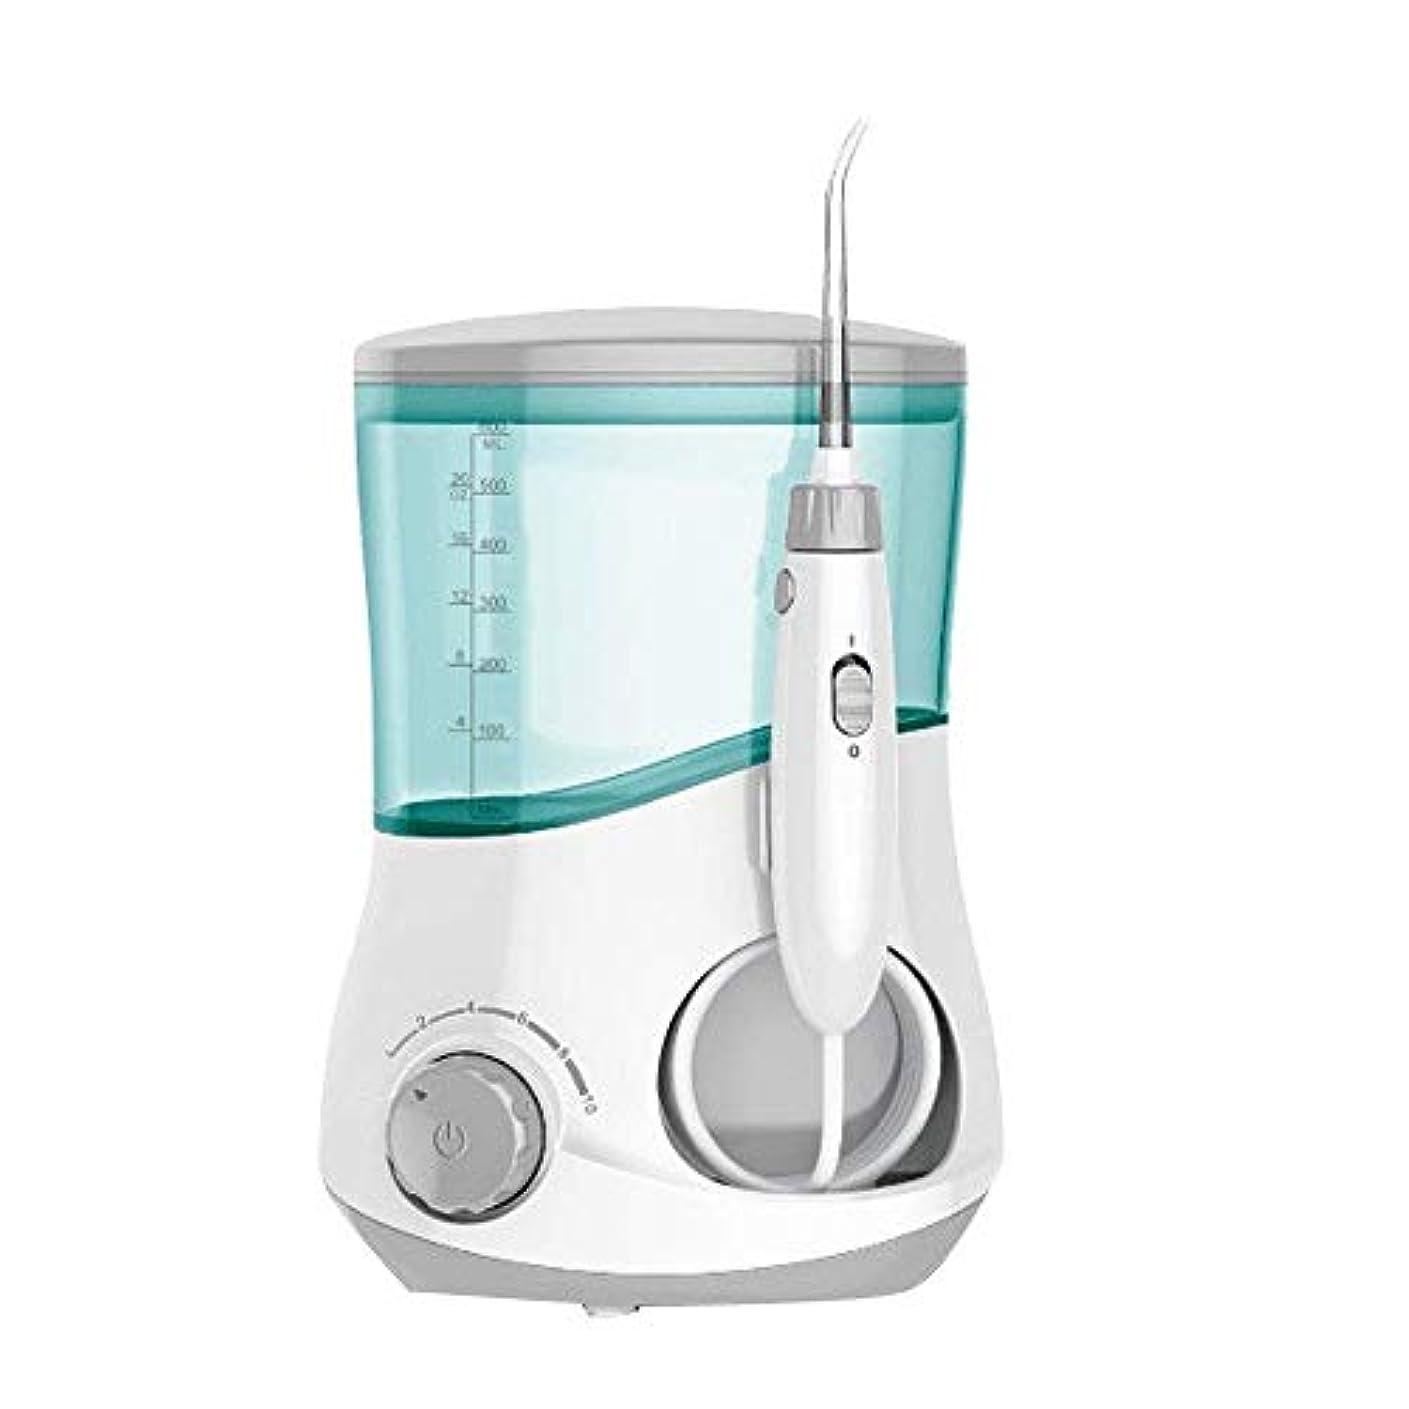 を除く可聴チャンス高圧口腔洗浄器【マウスウォッシャーmw001】強力ジェット水流で歯間・歯周ポケット洗浄